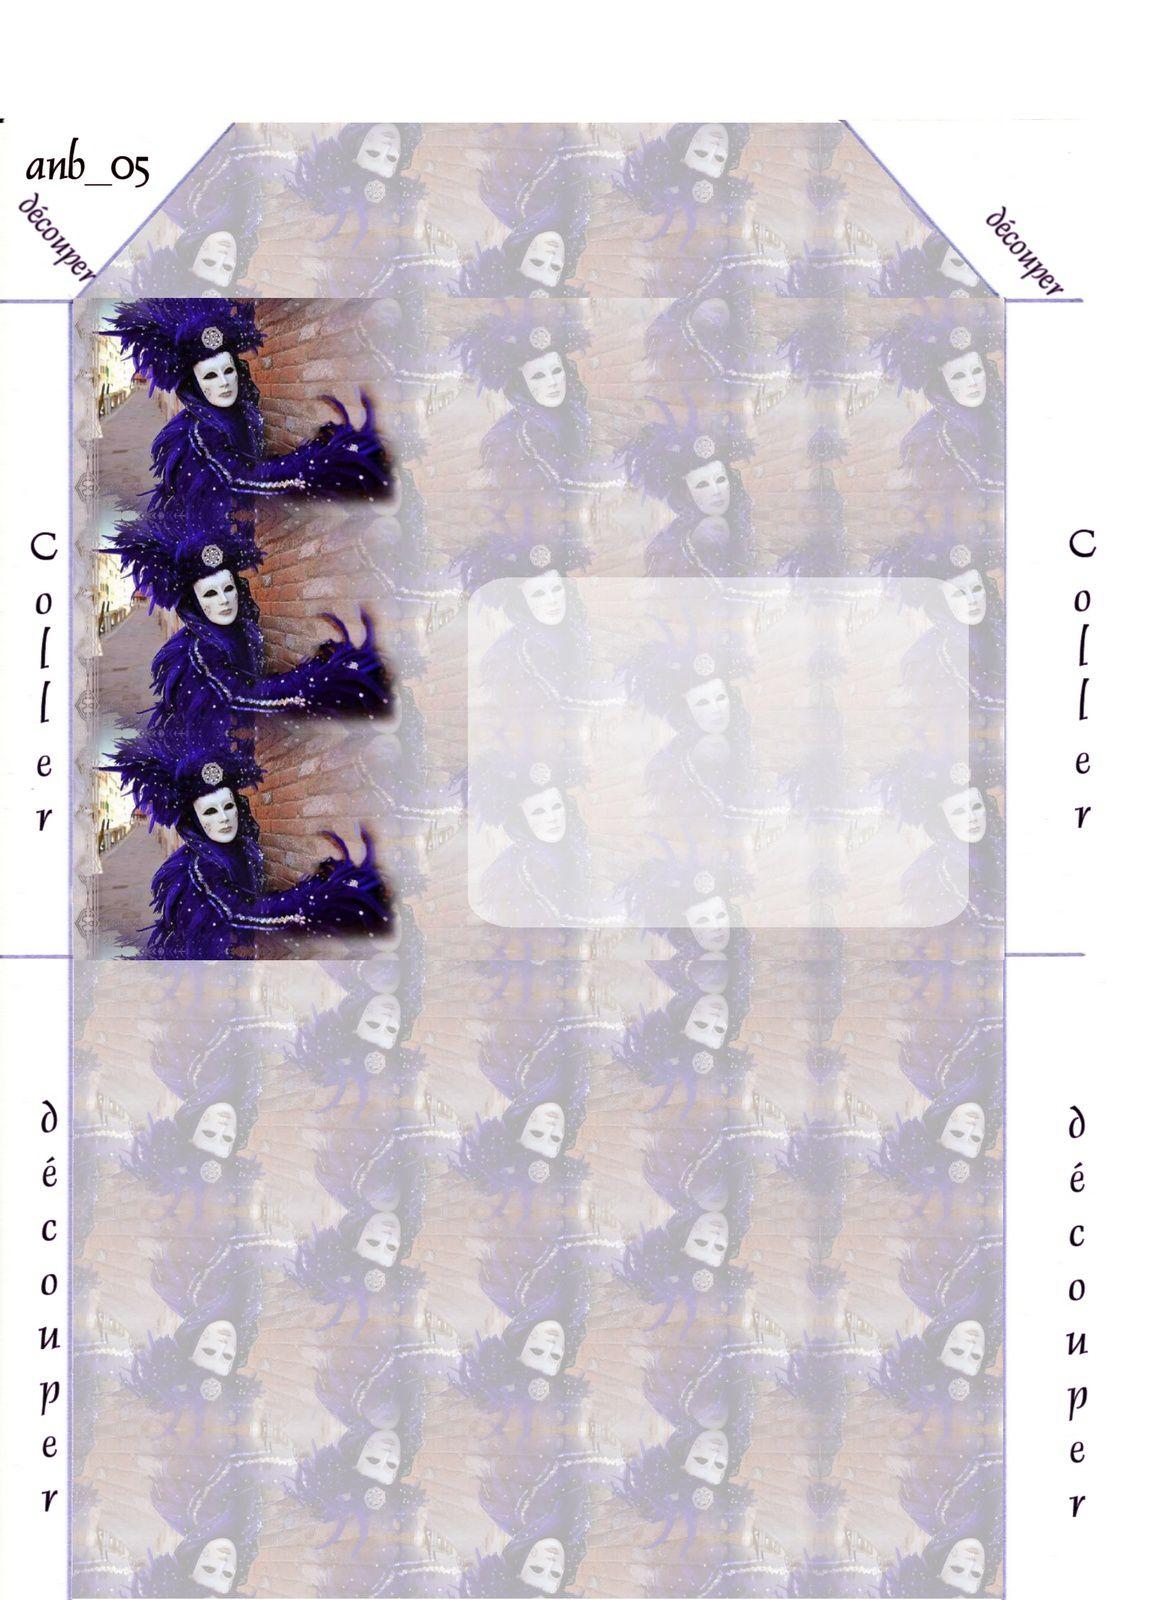 Personnage Carnaval de Venise Incredimail &amp&#x3B; Papier A4 h l &amp&#x3B; outlook &amp&#x3B; enveloppe &amp&#x3B; 2 cartes A5     pers_venise_carnaval2009_02